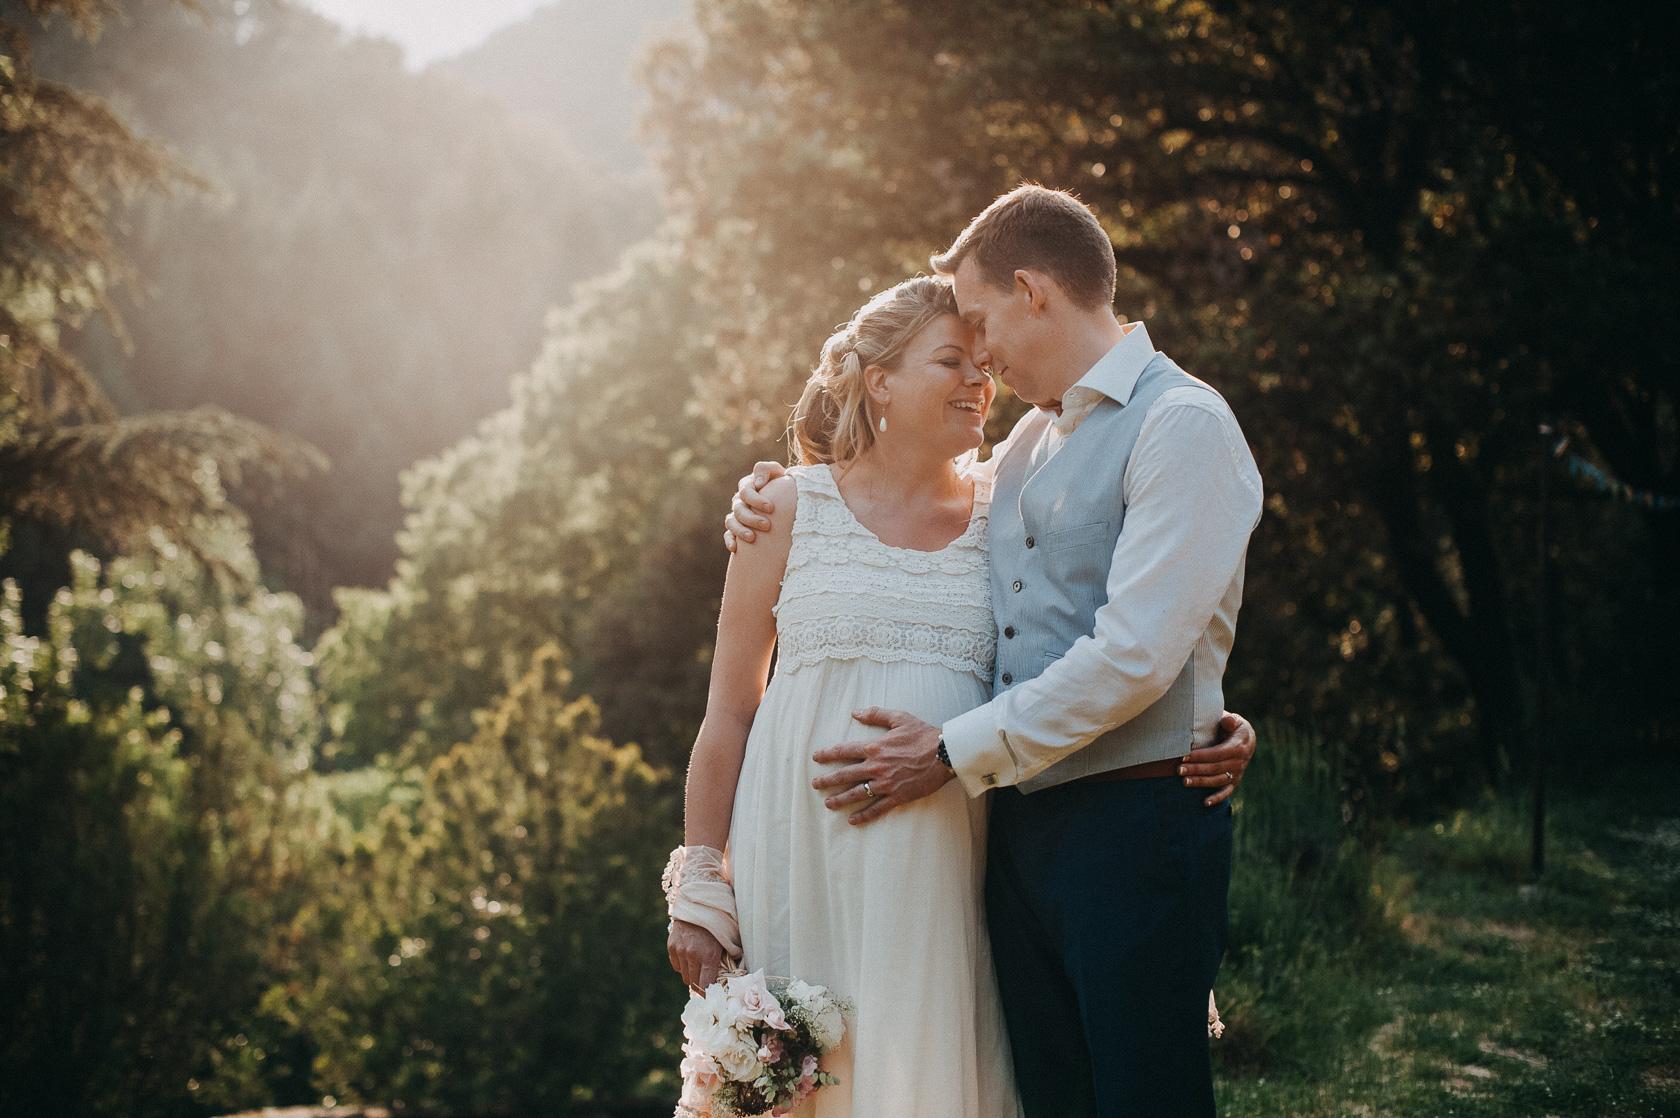 photographe-mariage-laique-ales-gard-studio-lm-1830.jpg